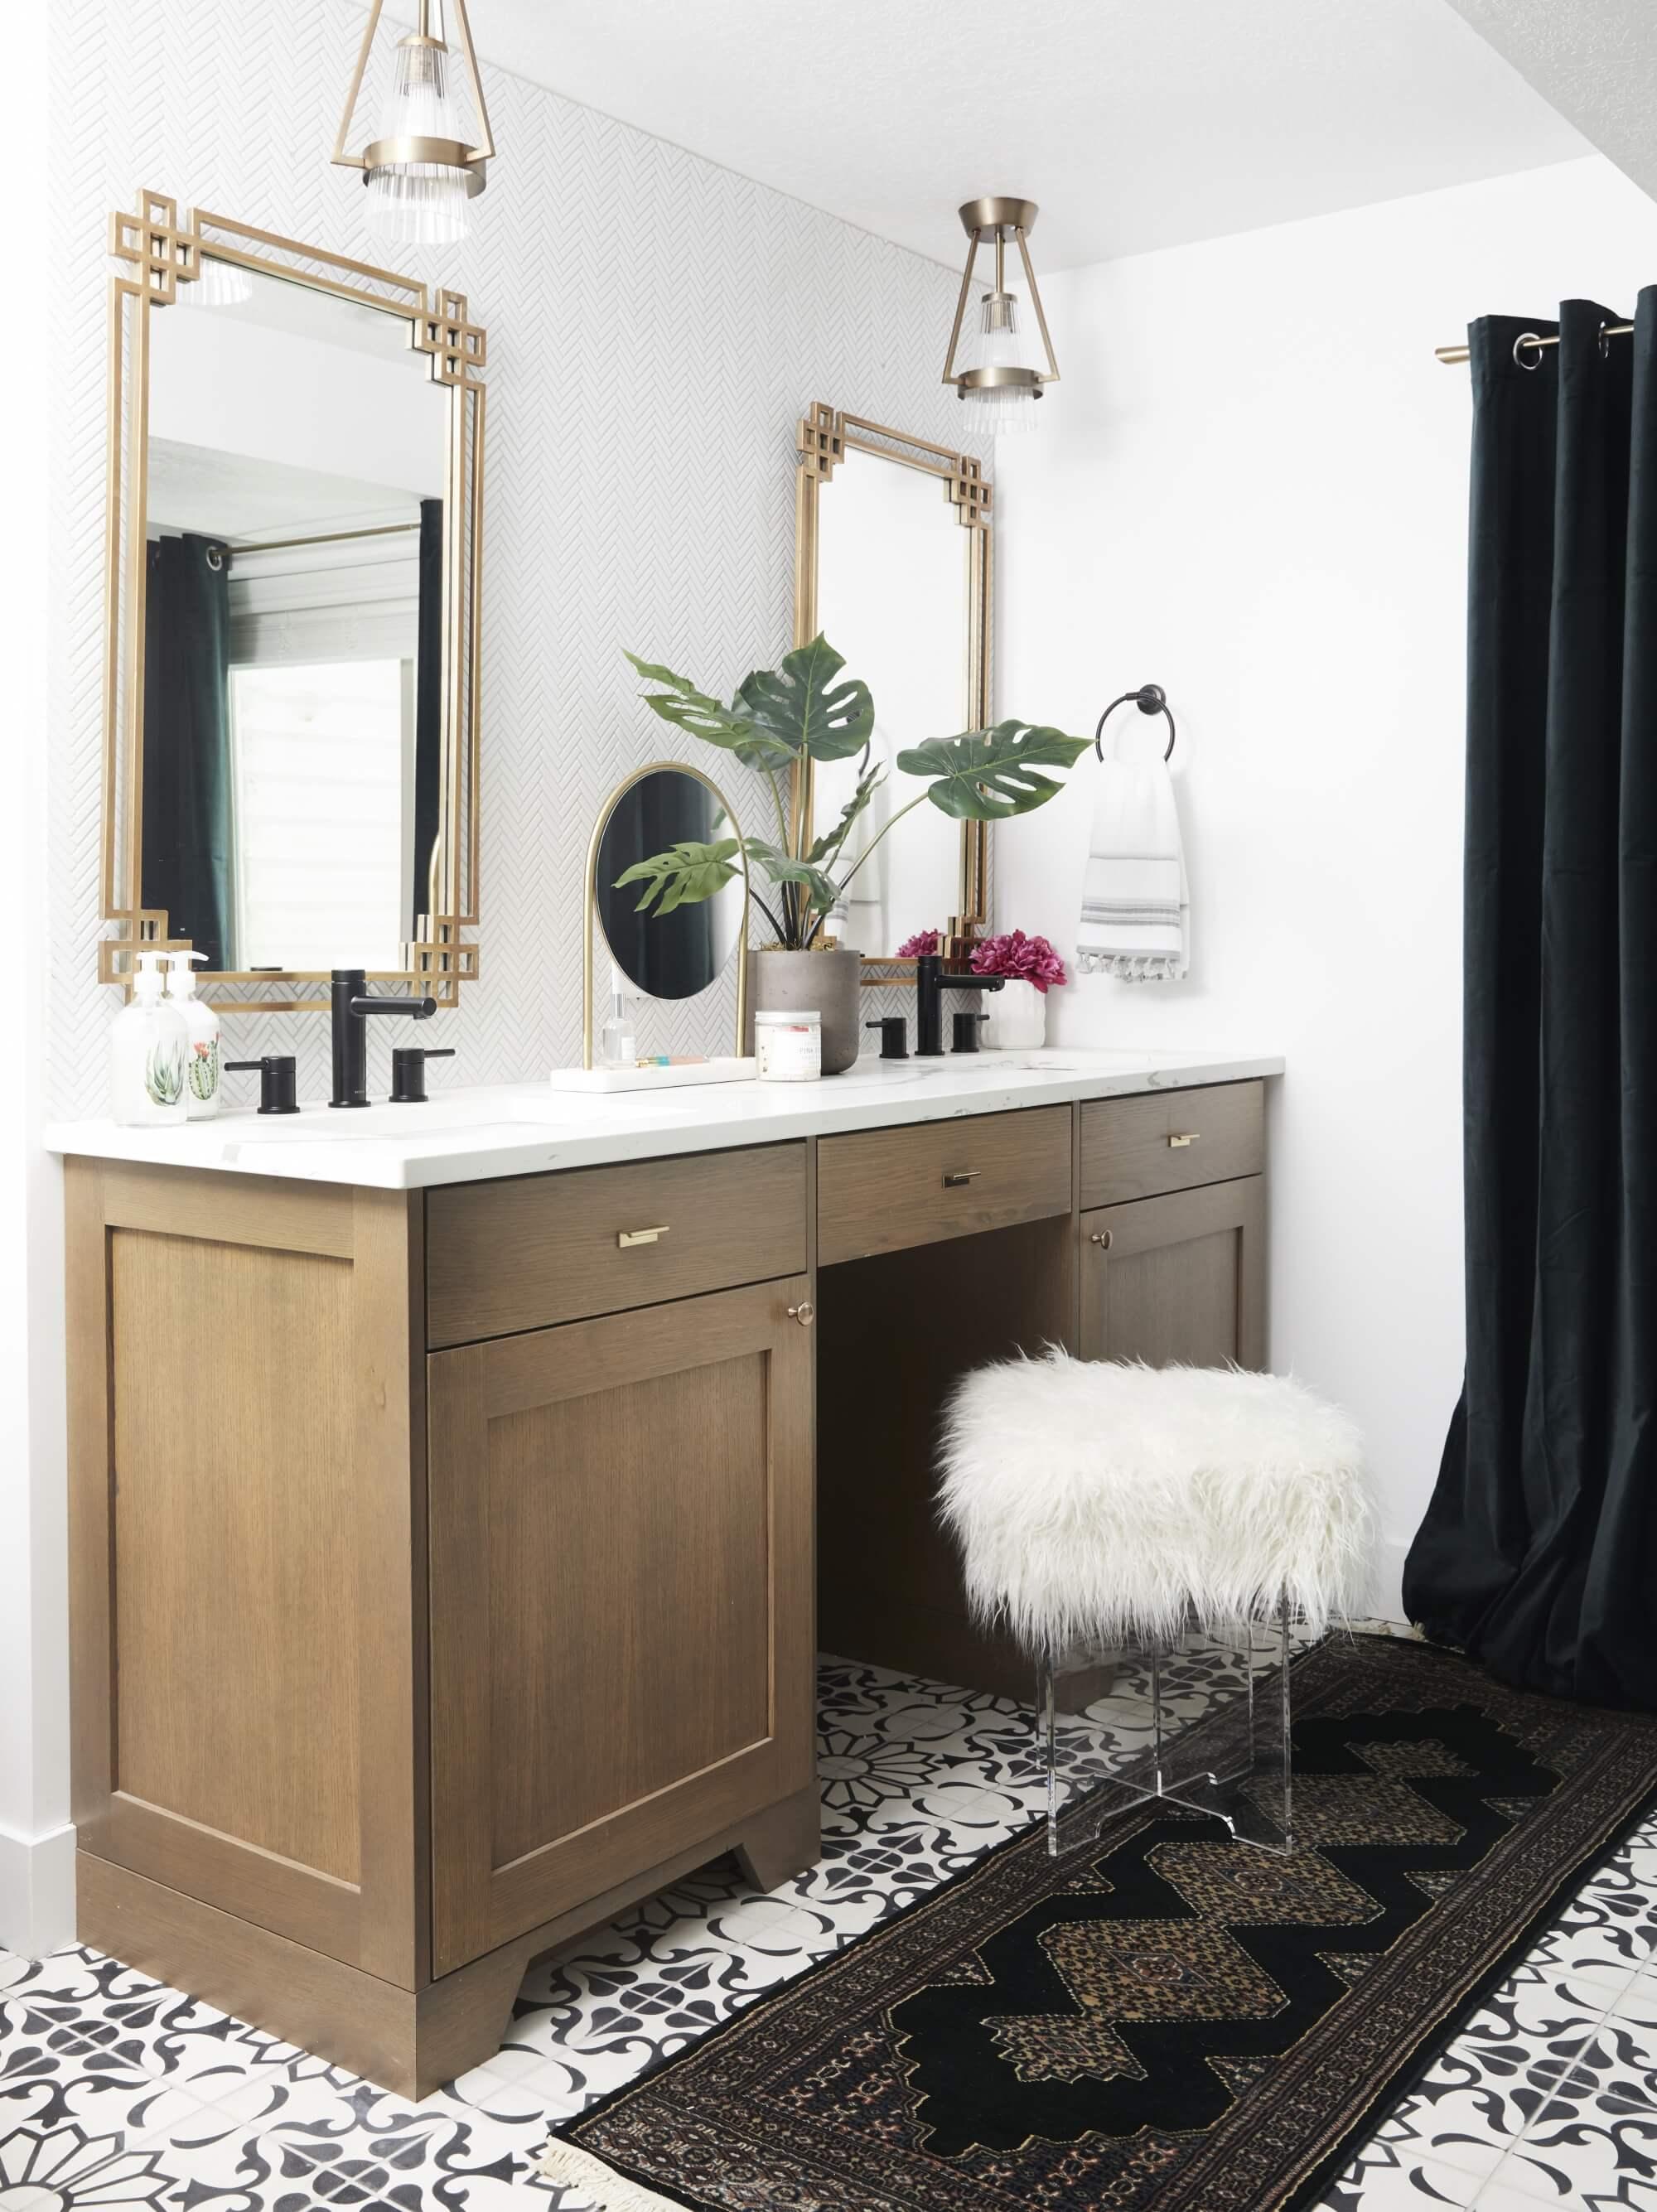 Tendencias en baños en 2019. Aparadores y cómodas adaptados como muebles de lavabo.